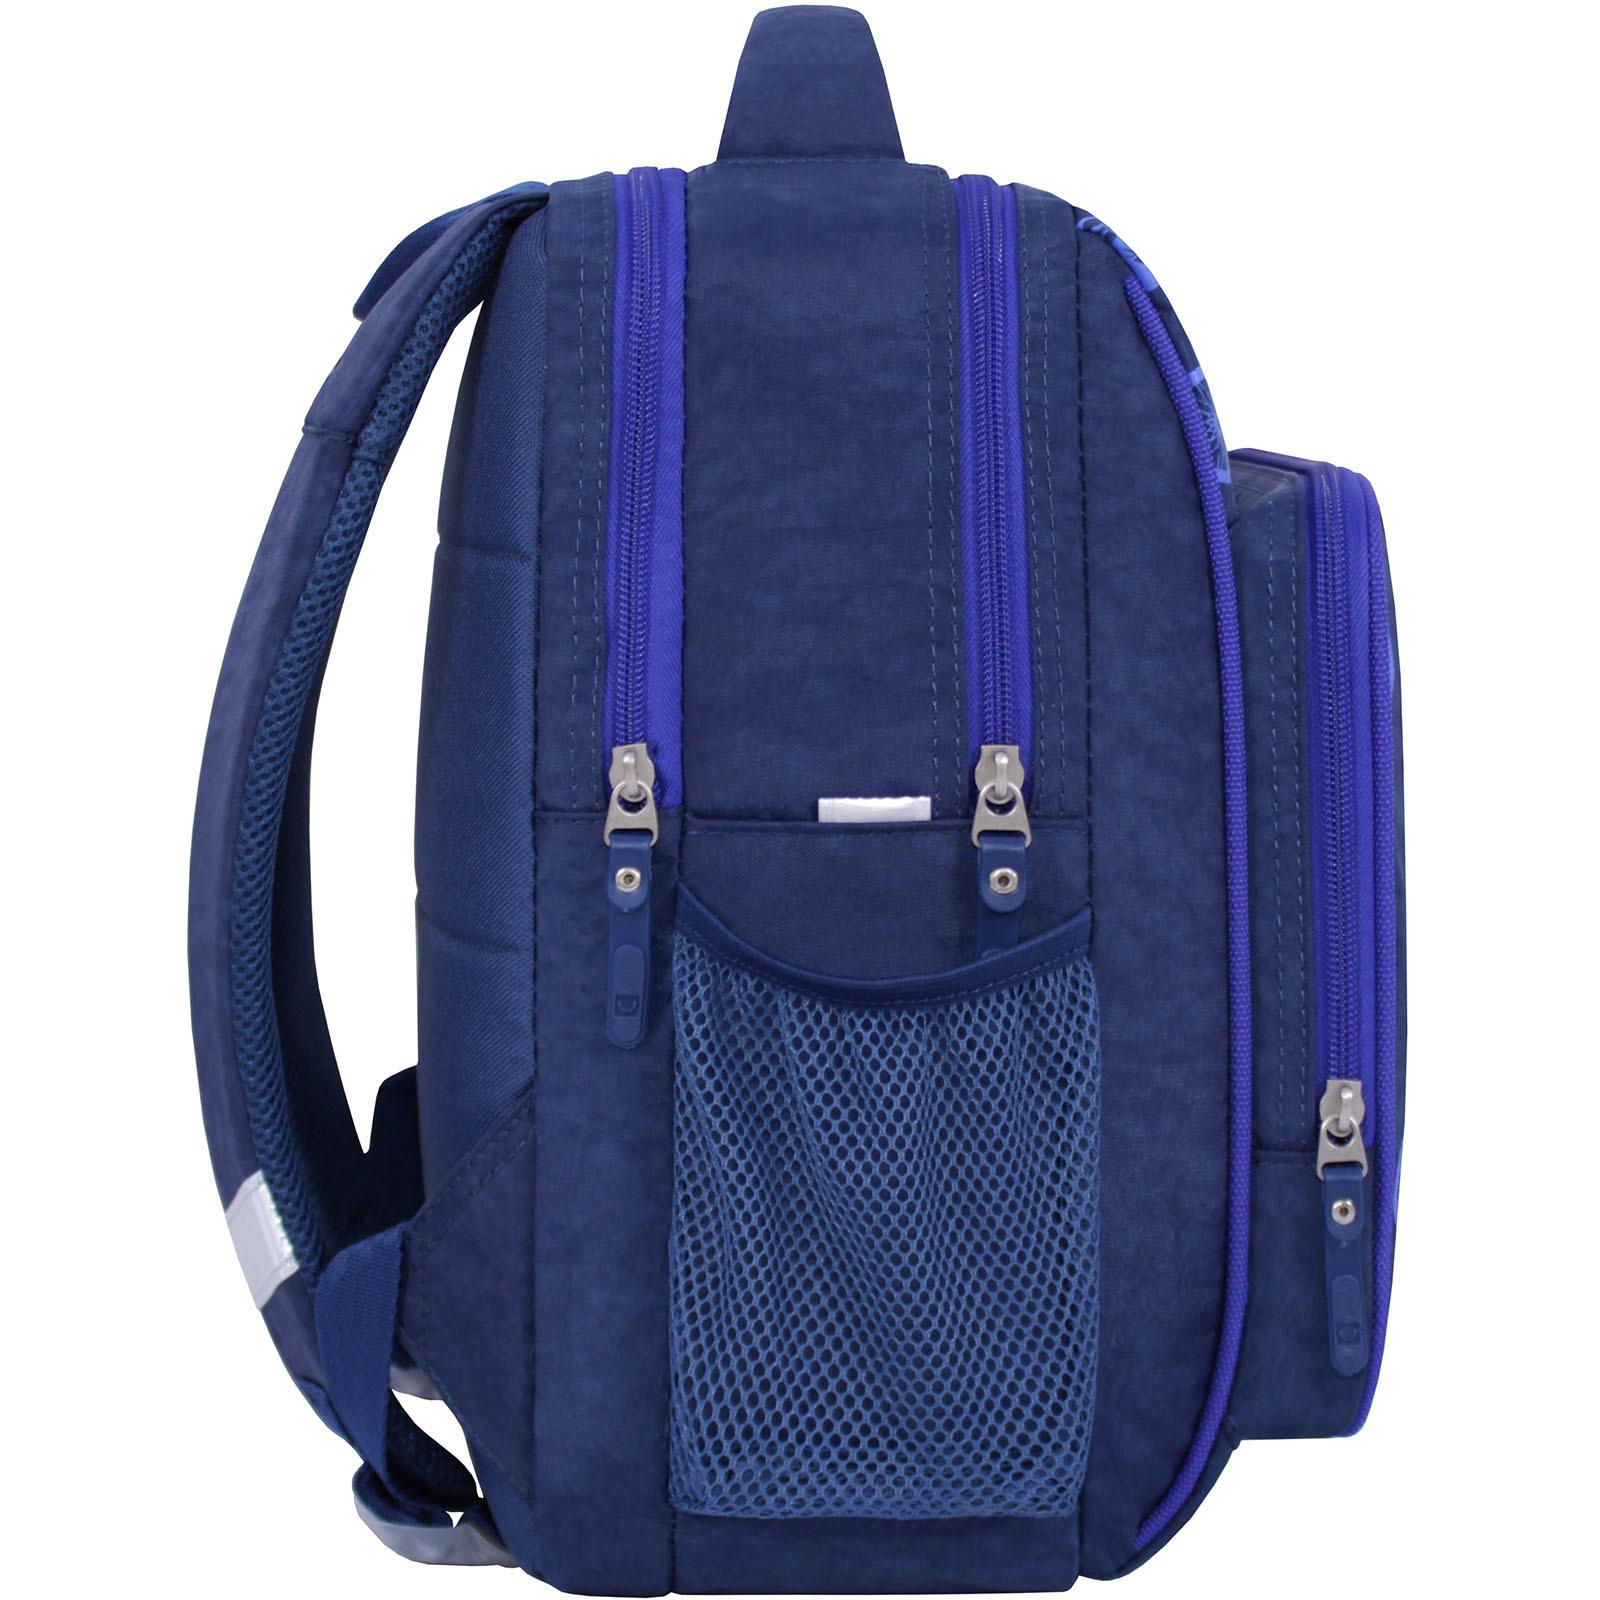 Рюкзак школьный Bagland Школьник 8 л. 225 синий 555 (00112702) фото 2